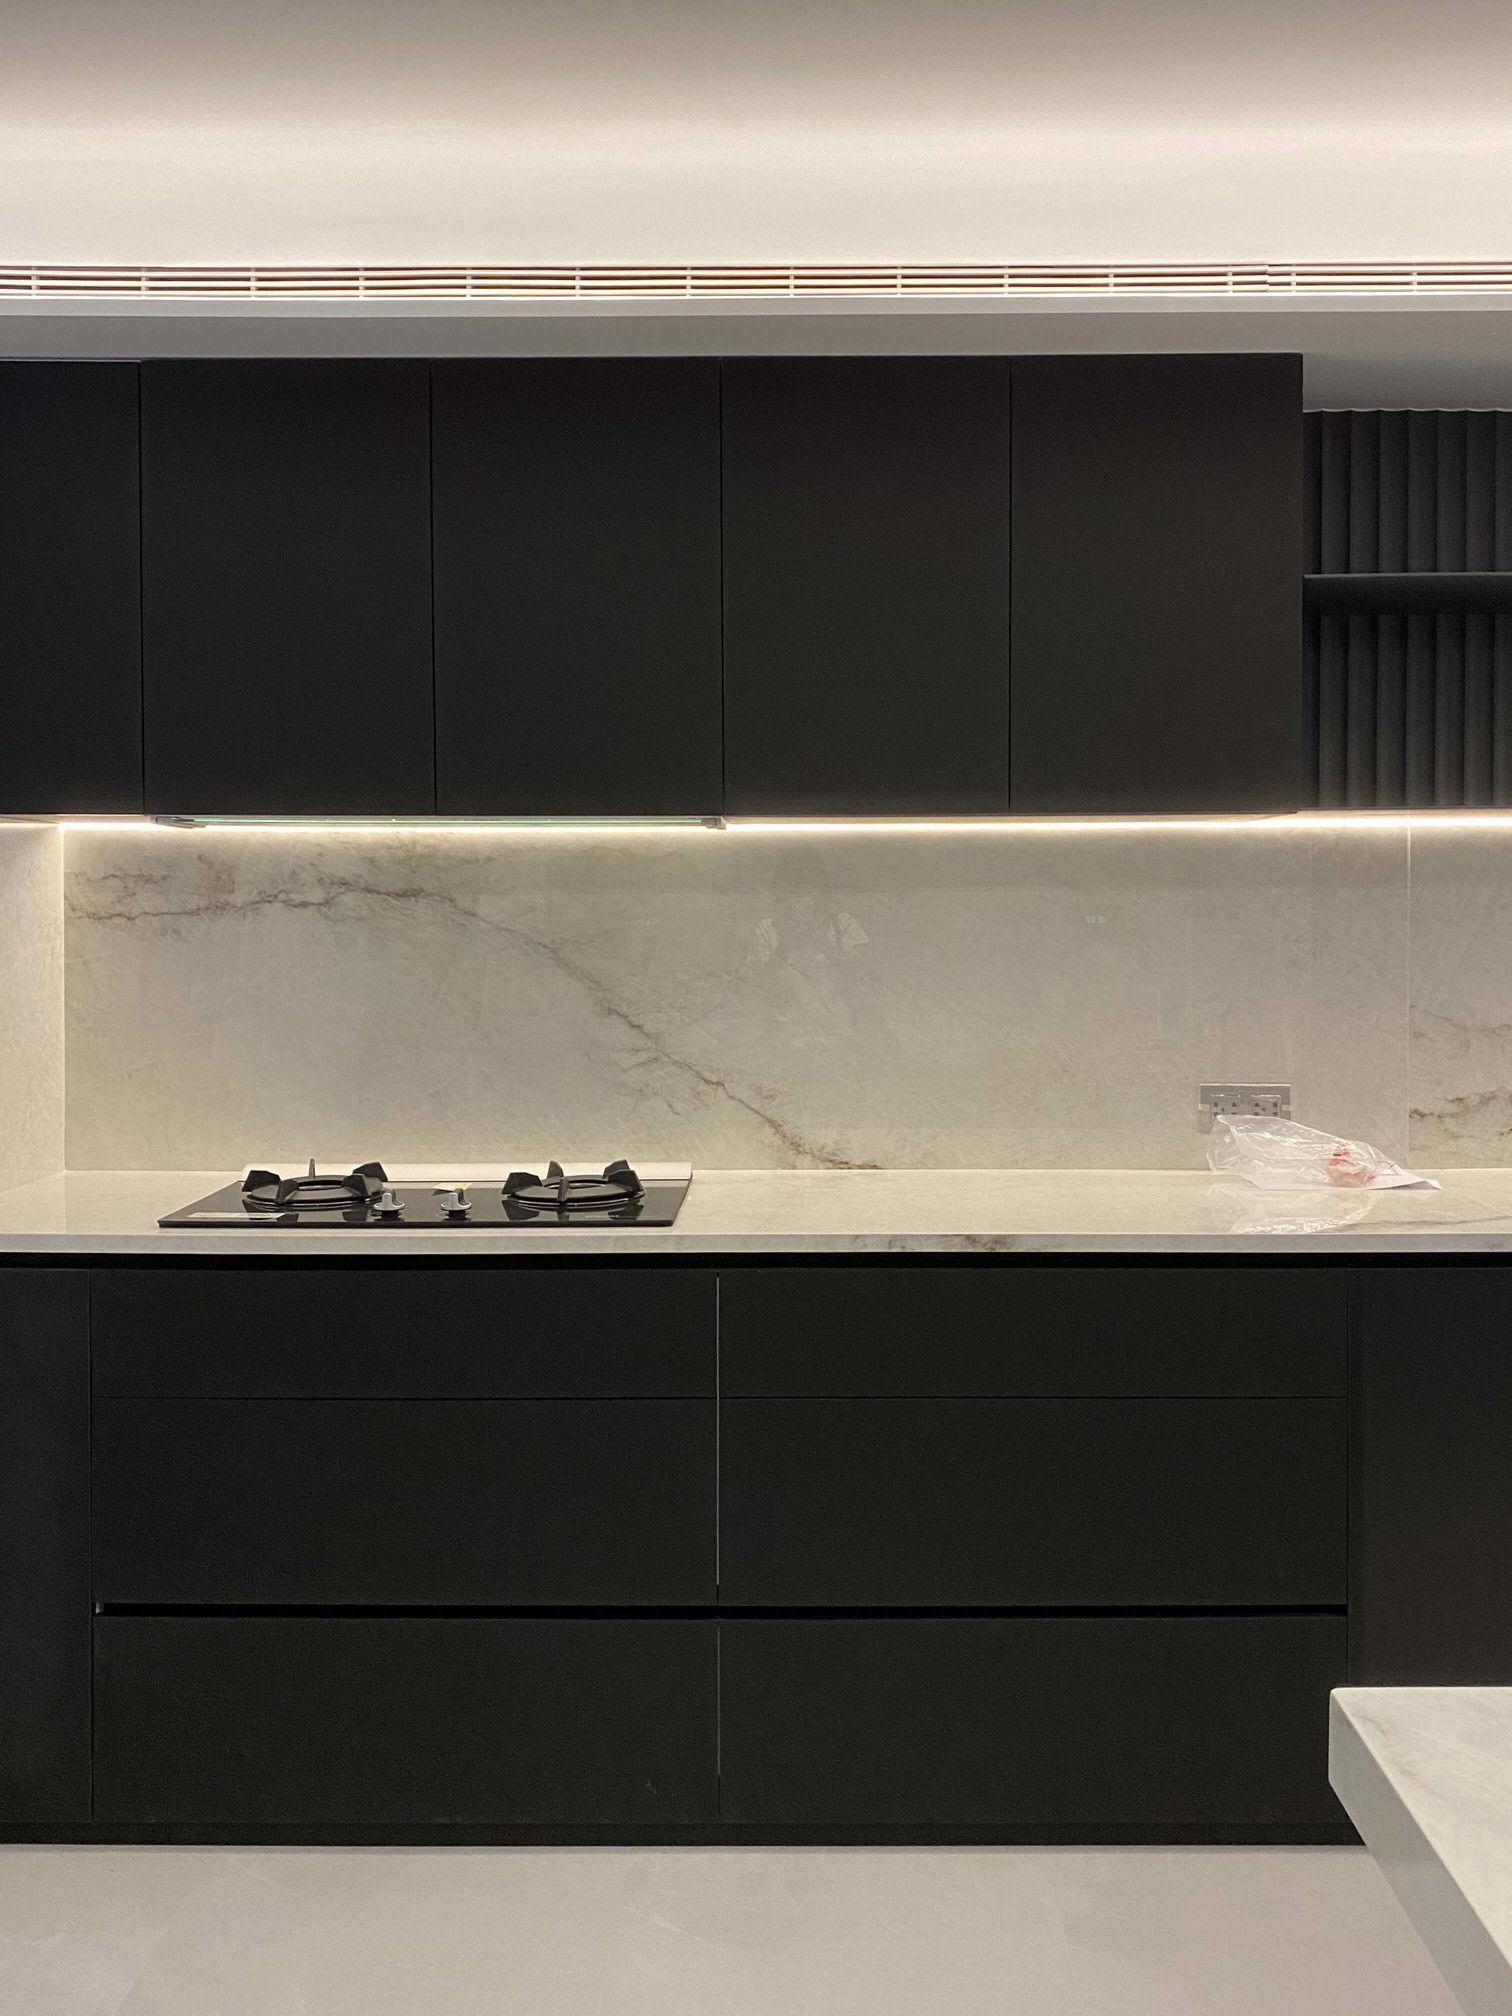 分子室內裝修設計-FENIX板材運用-智慧新科技-熱修復-輕食區中島廚具